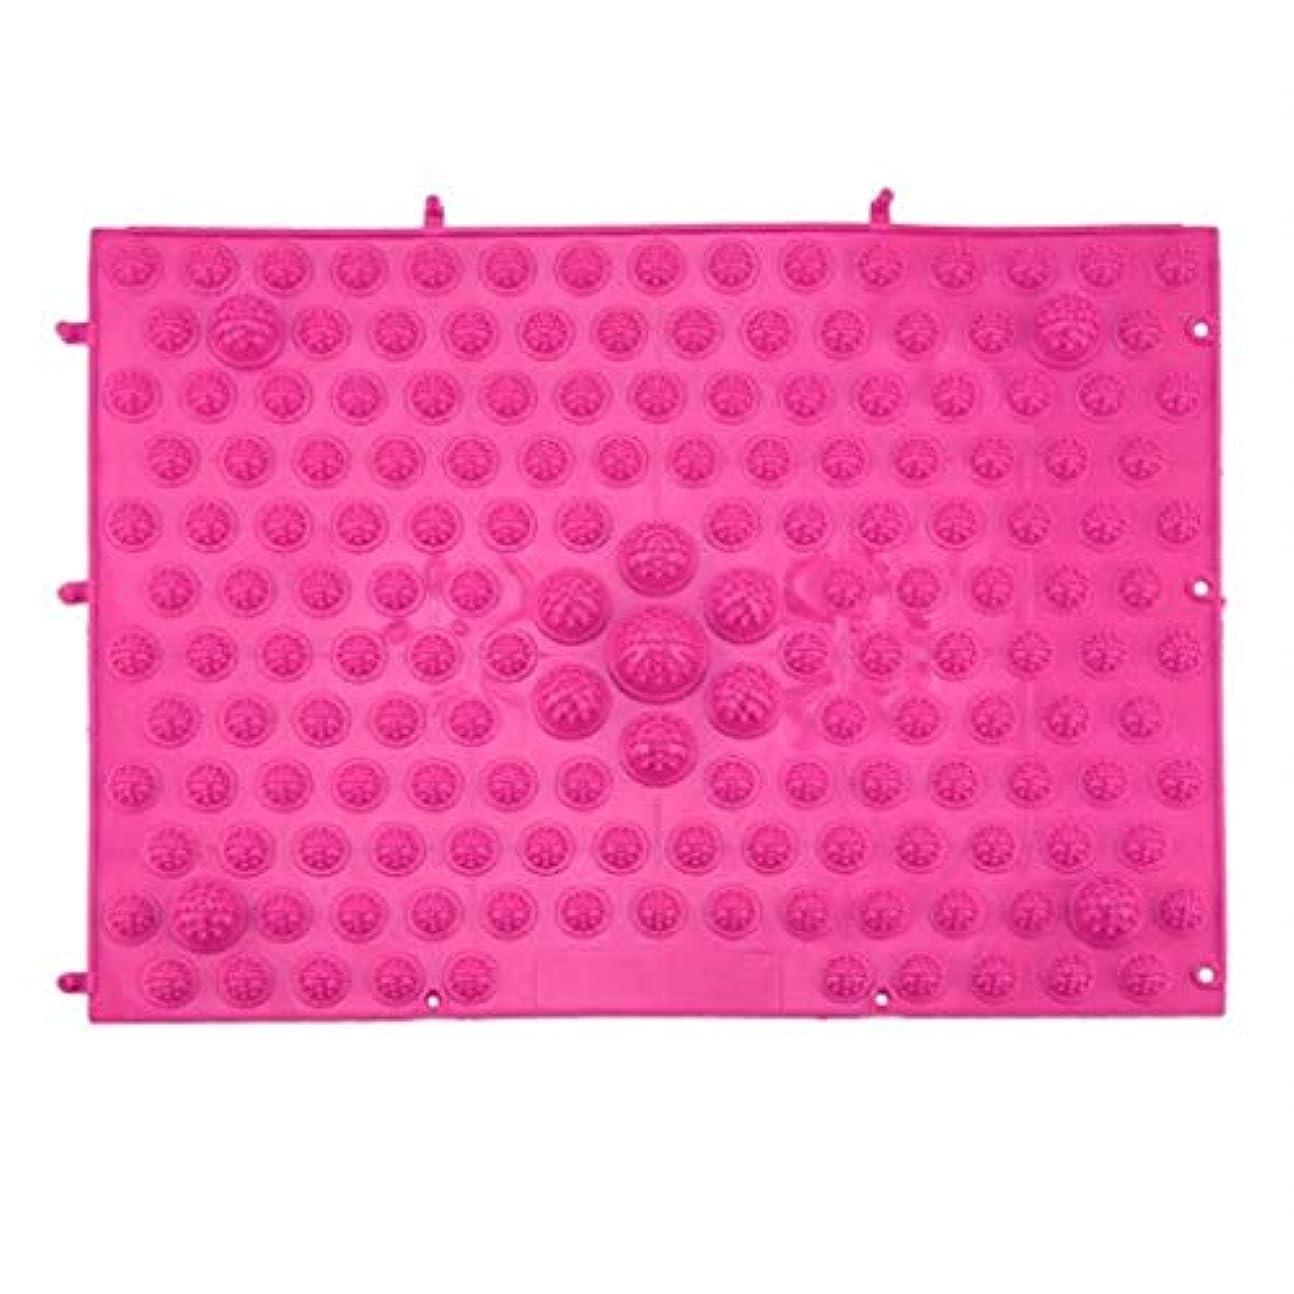 親密な経験的ダーベビルのテスマッサージクッション、指圧フットパッド、リフレクソロジーウォーキングマッサージパッド、痛みを和らげ、筋肉をリラックス37x27.5cm (Color : Rose Red)